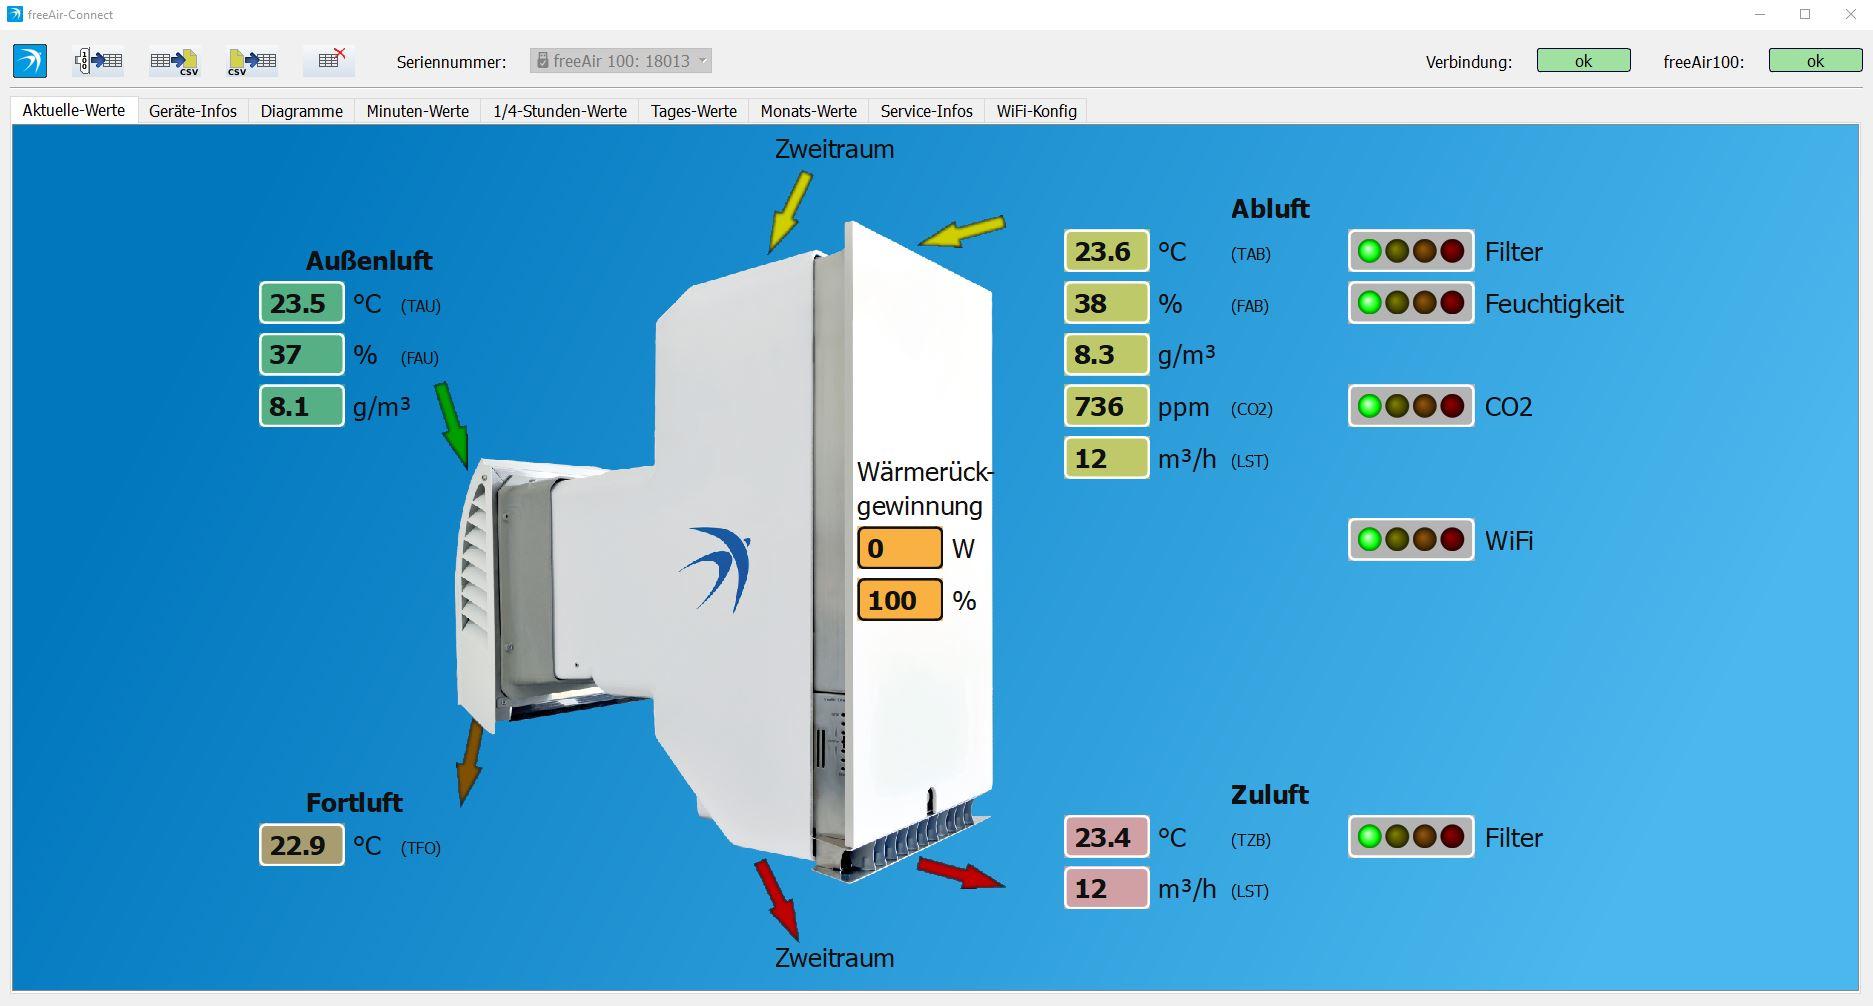 freeAir Connect bietet vielfältige Lüftungs-Daten im Überblick.